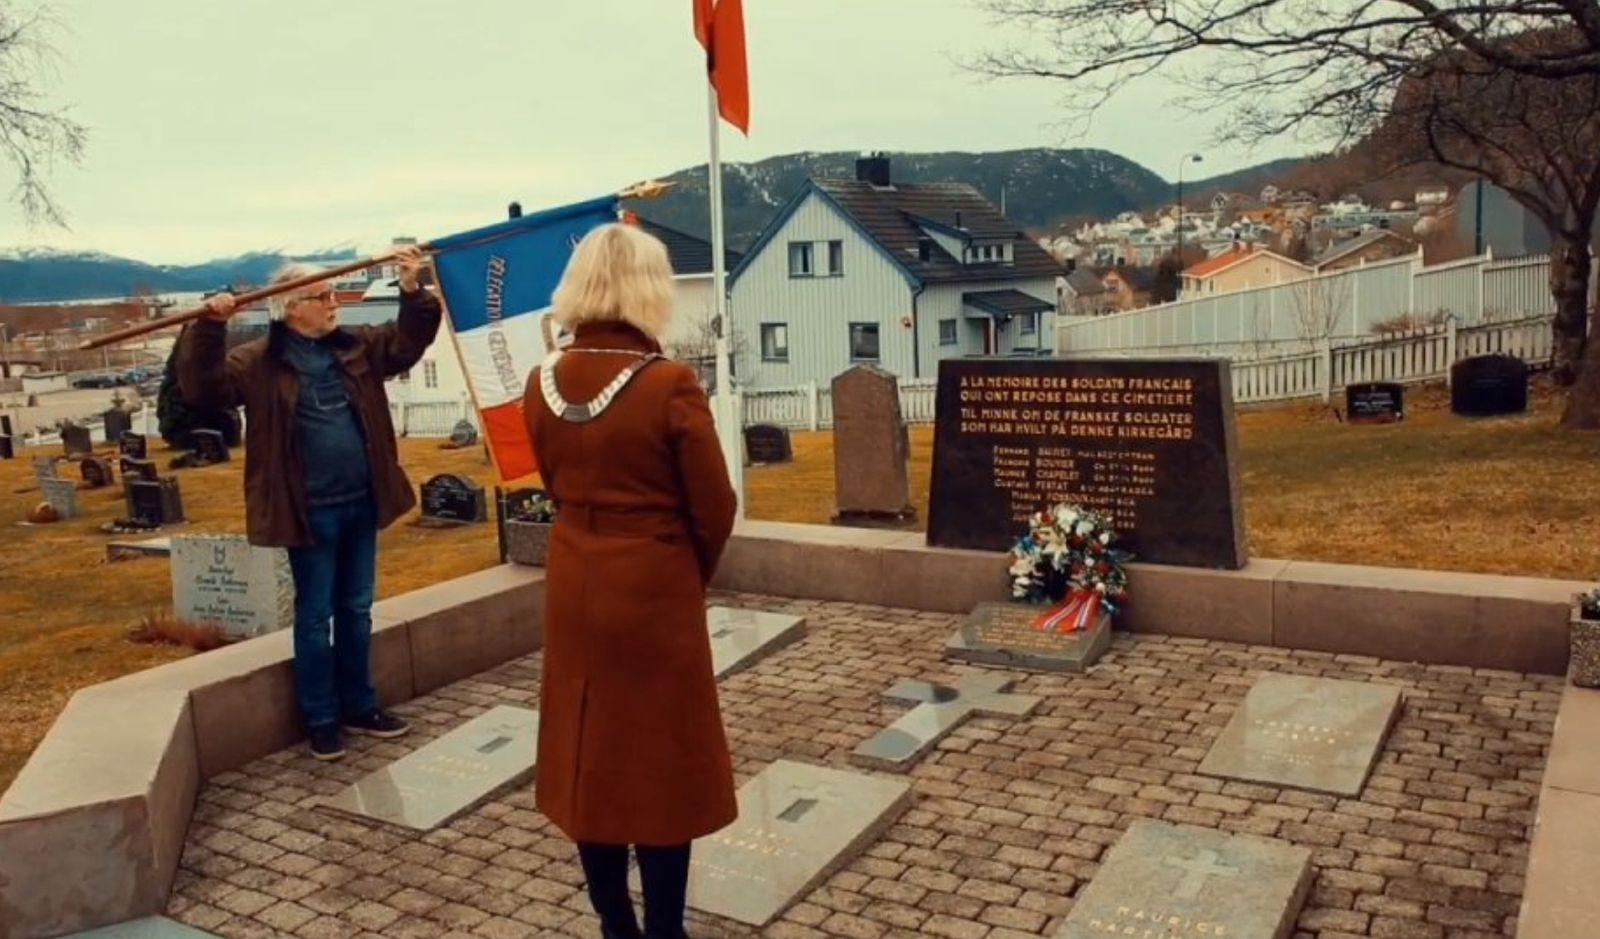 Photographie 1 : extraite de la vidéo - photographies 2 et 3 : Kjell Vidar Aune